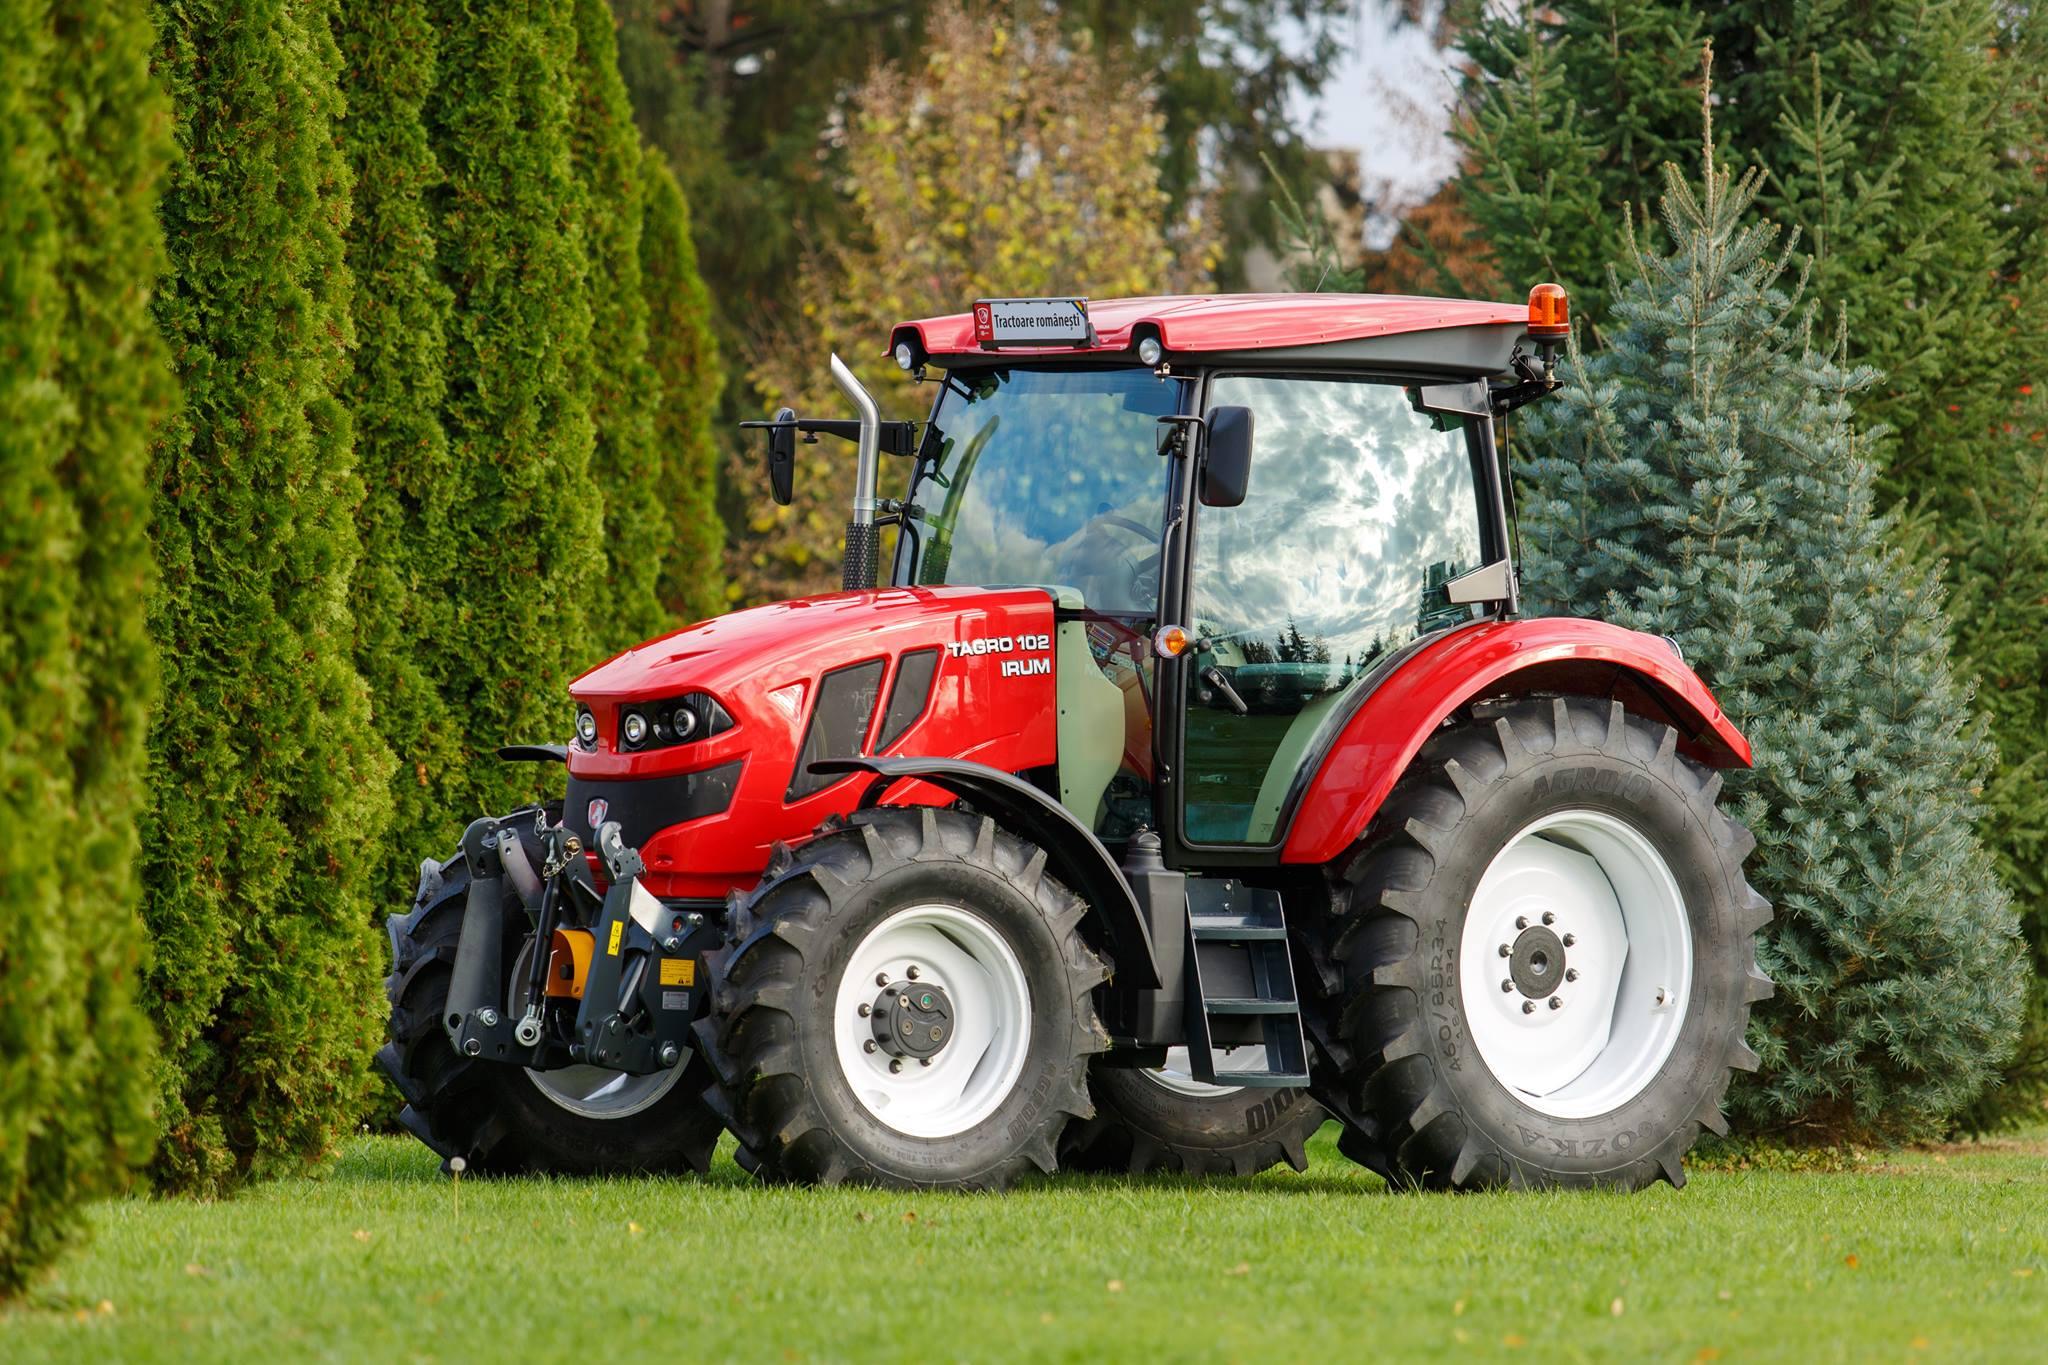 Tagro, primul tractor agricol fabricat in Romania, dupa o pauza de 10 ani!